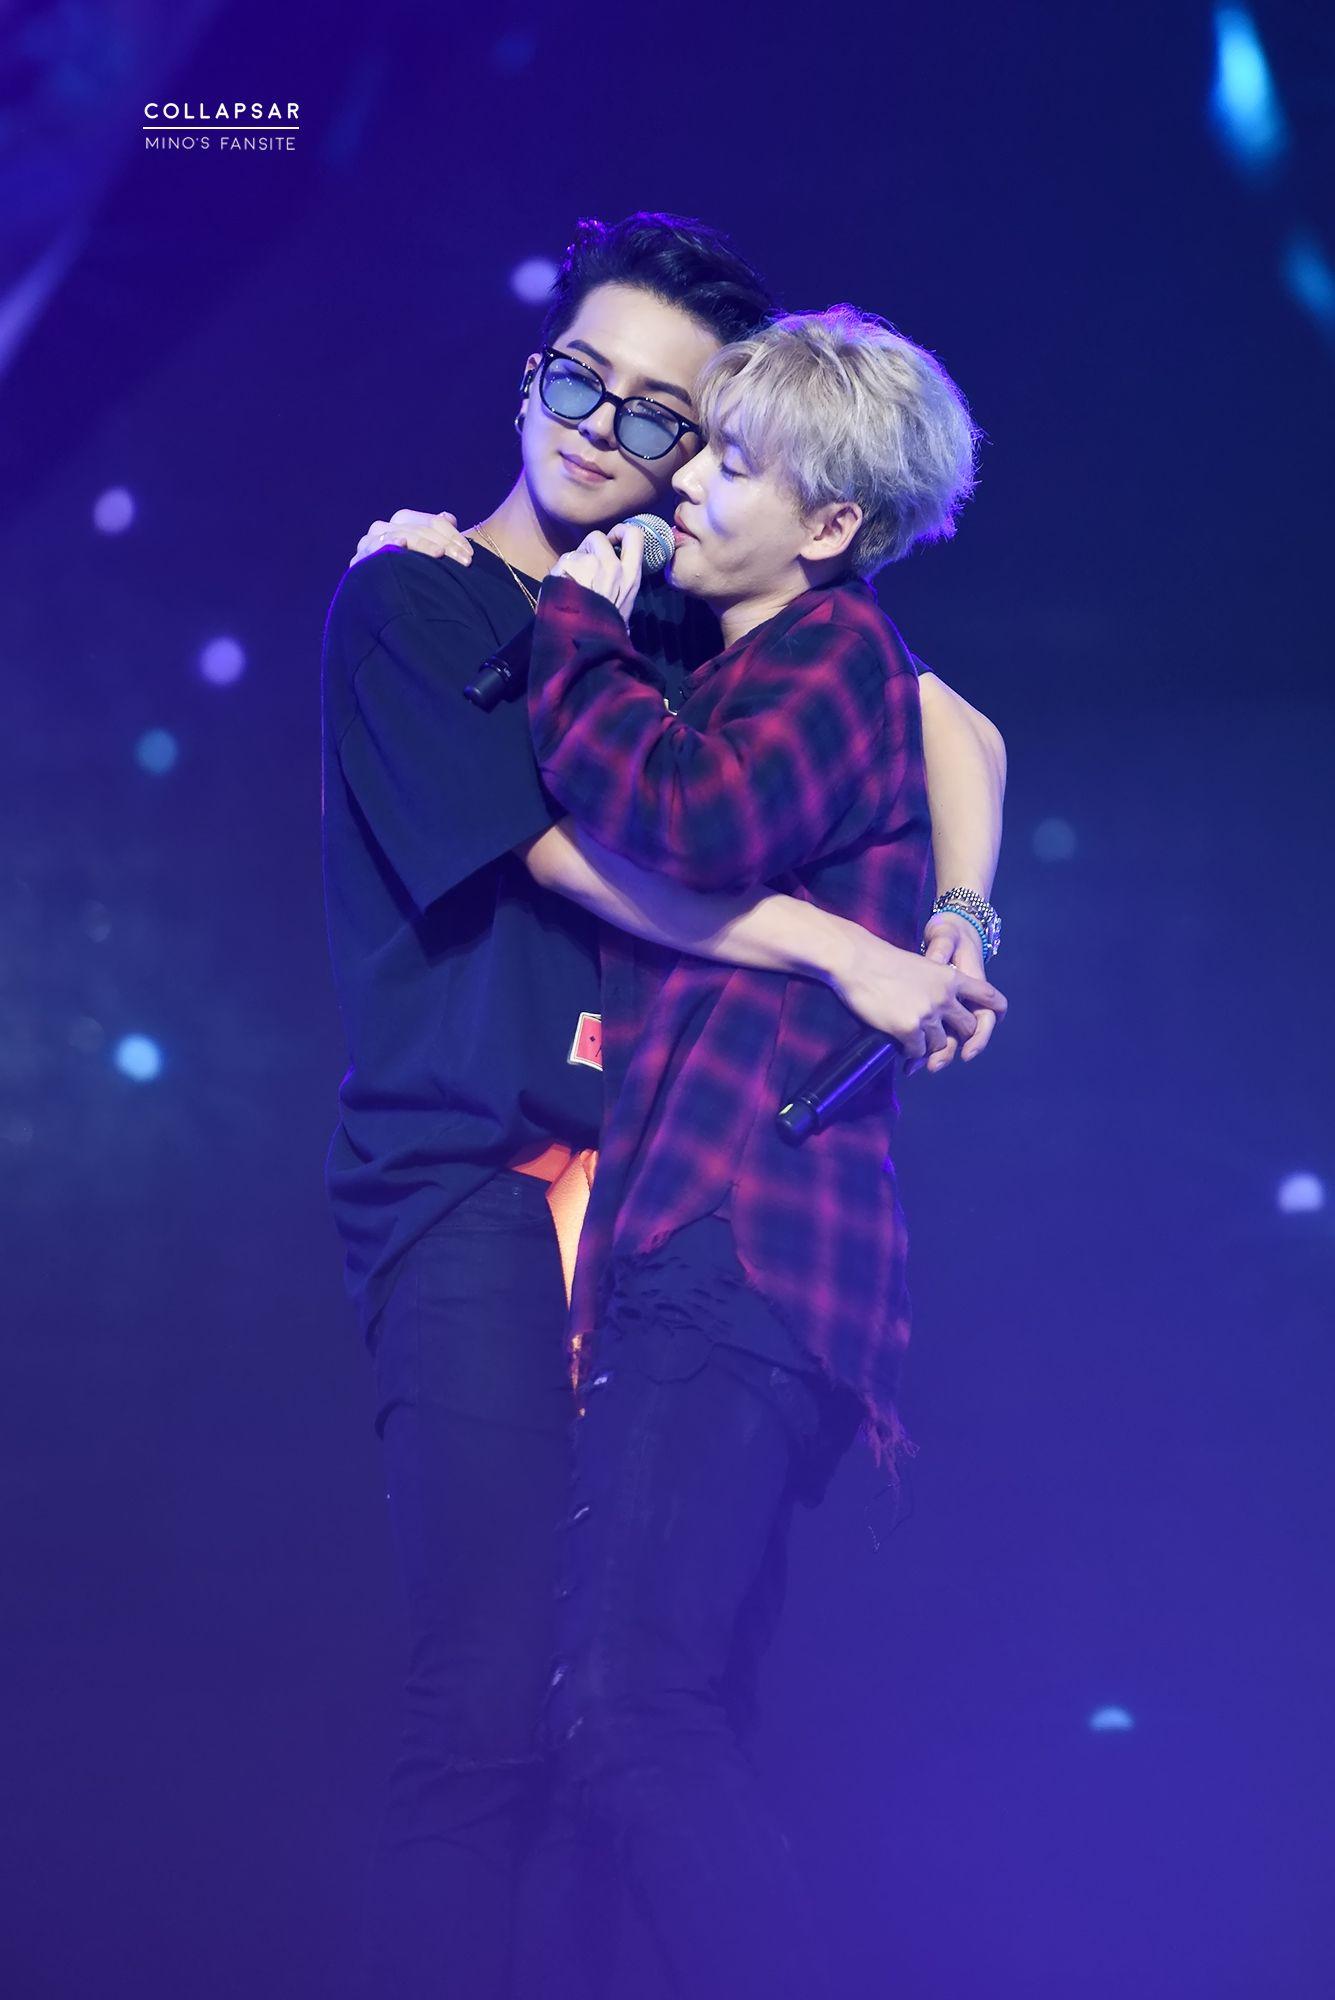 WINNER Jinwoo and Mino